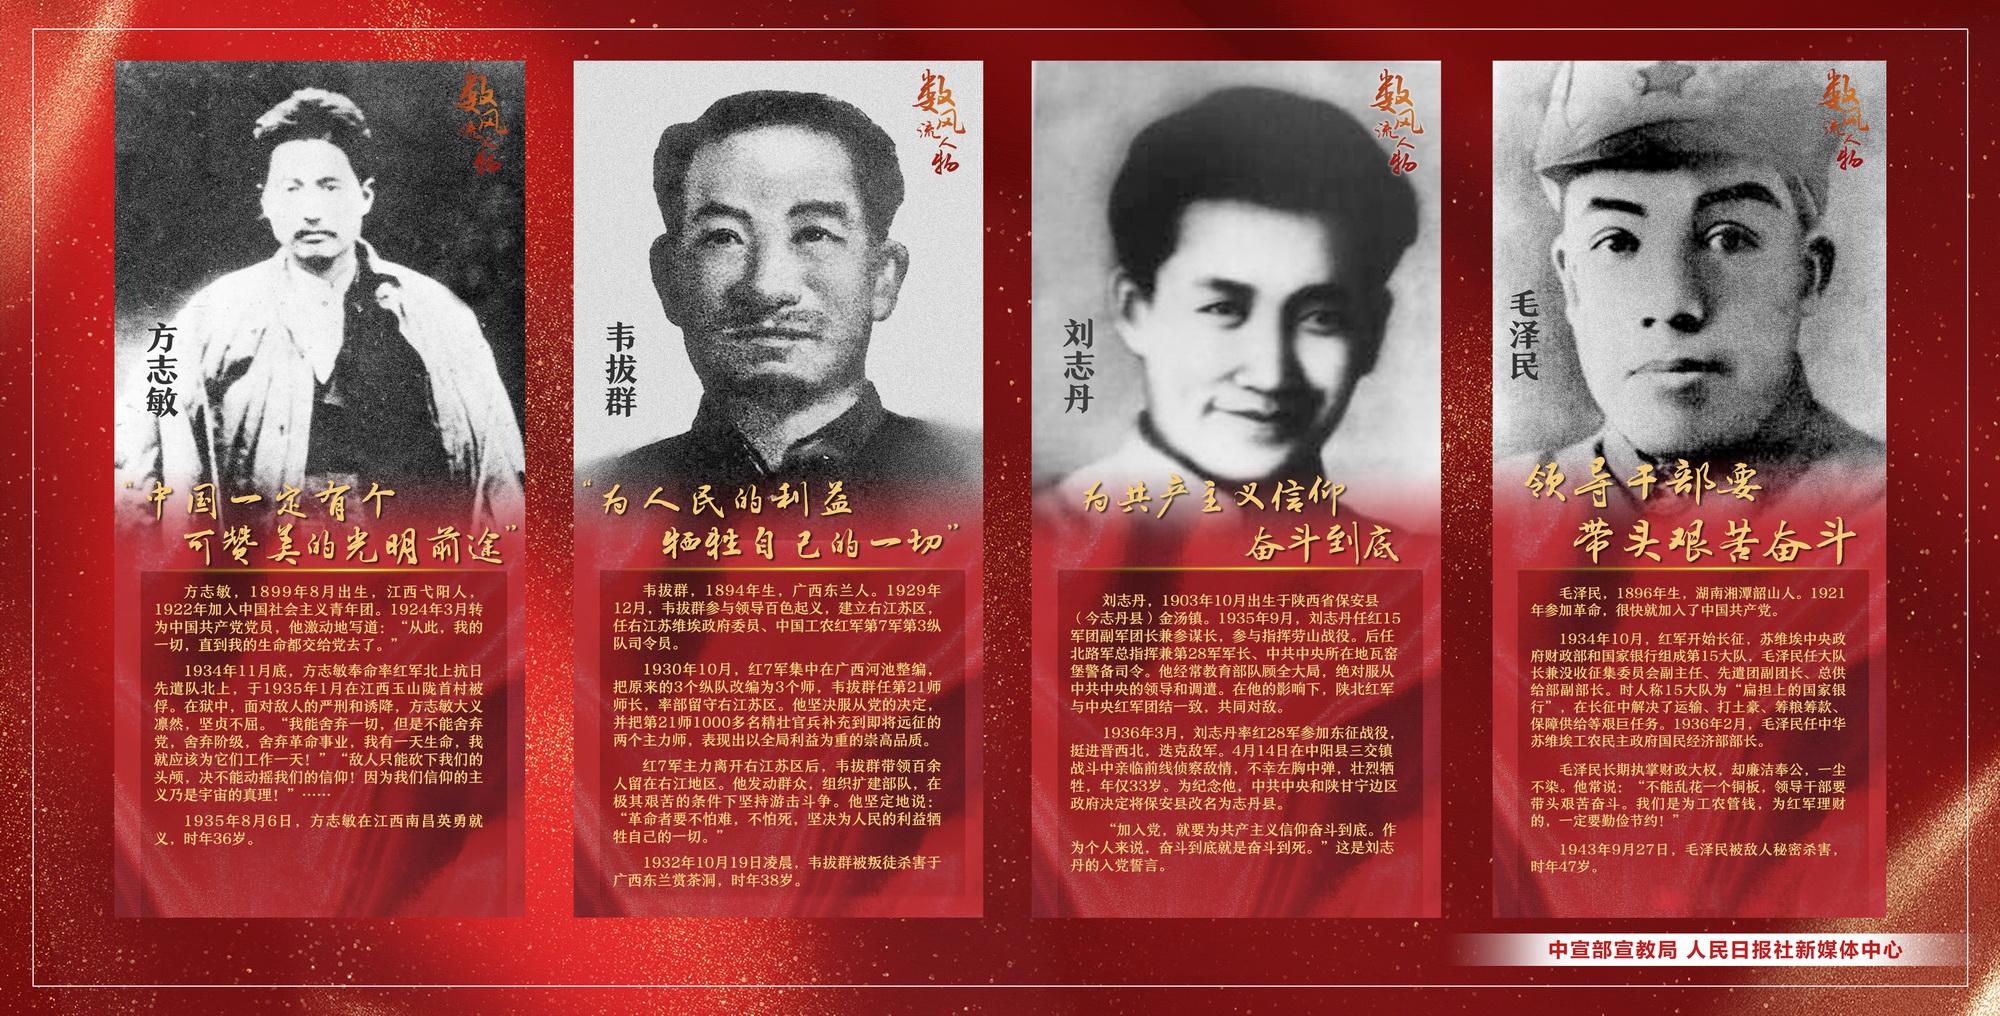 宣传海报21-24_调整大小.jpg